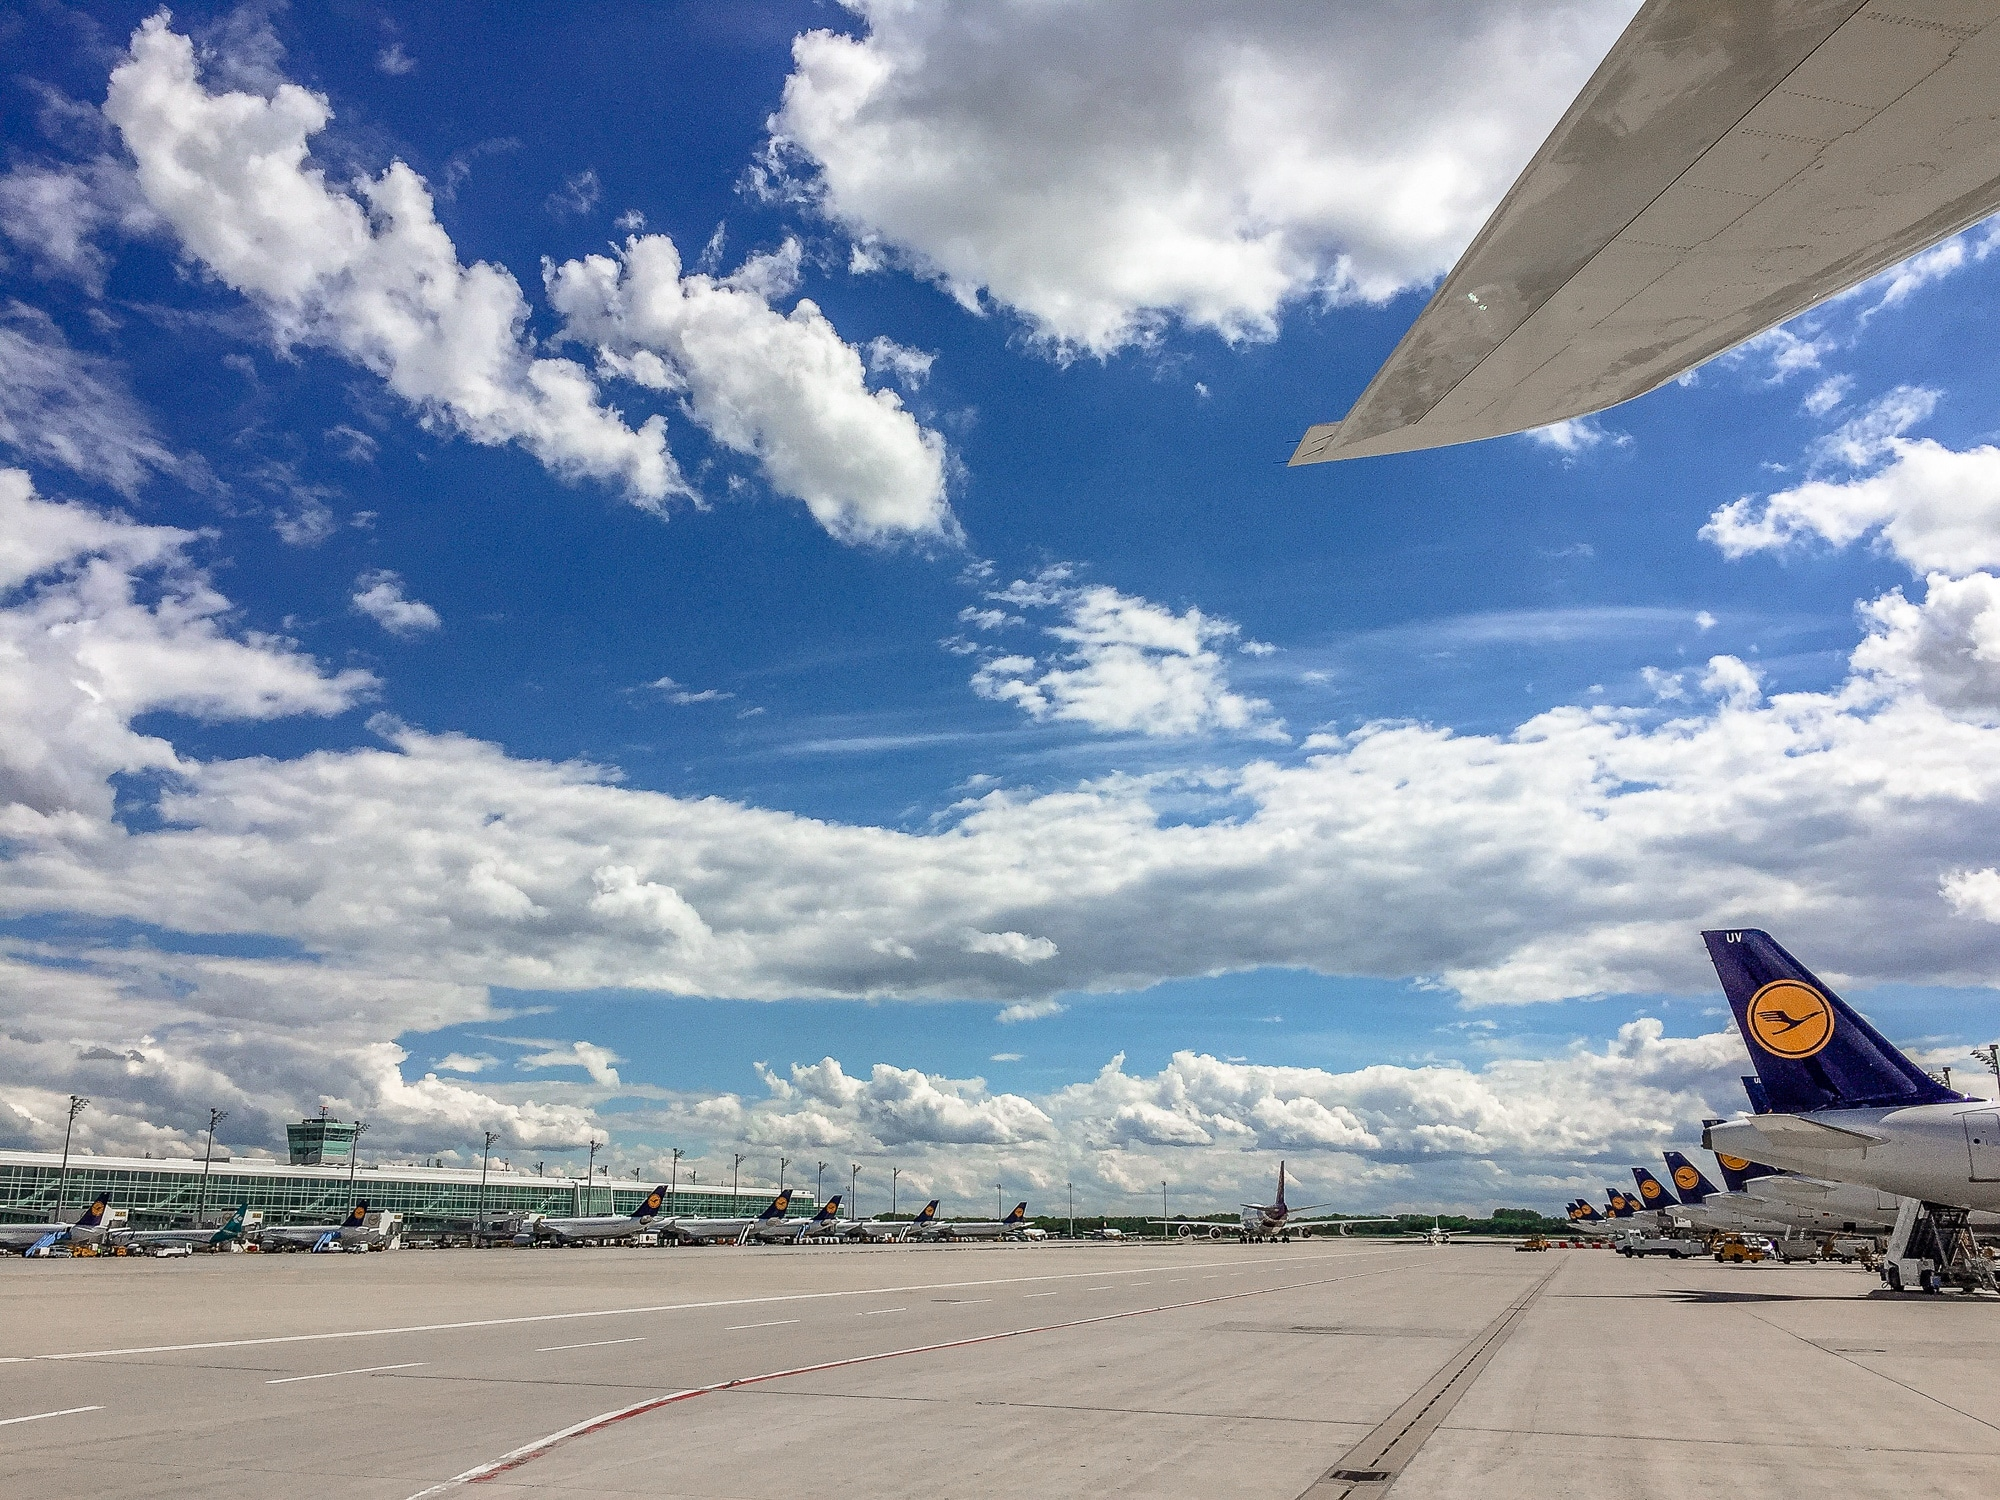 Fluggastrechte: Entschädigung bei Flugverspätung und Flugannullierung